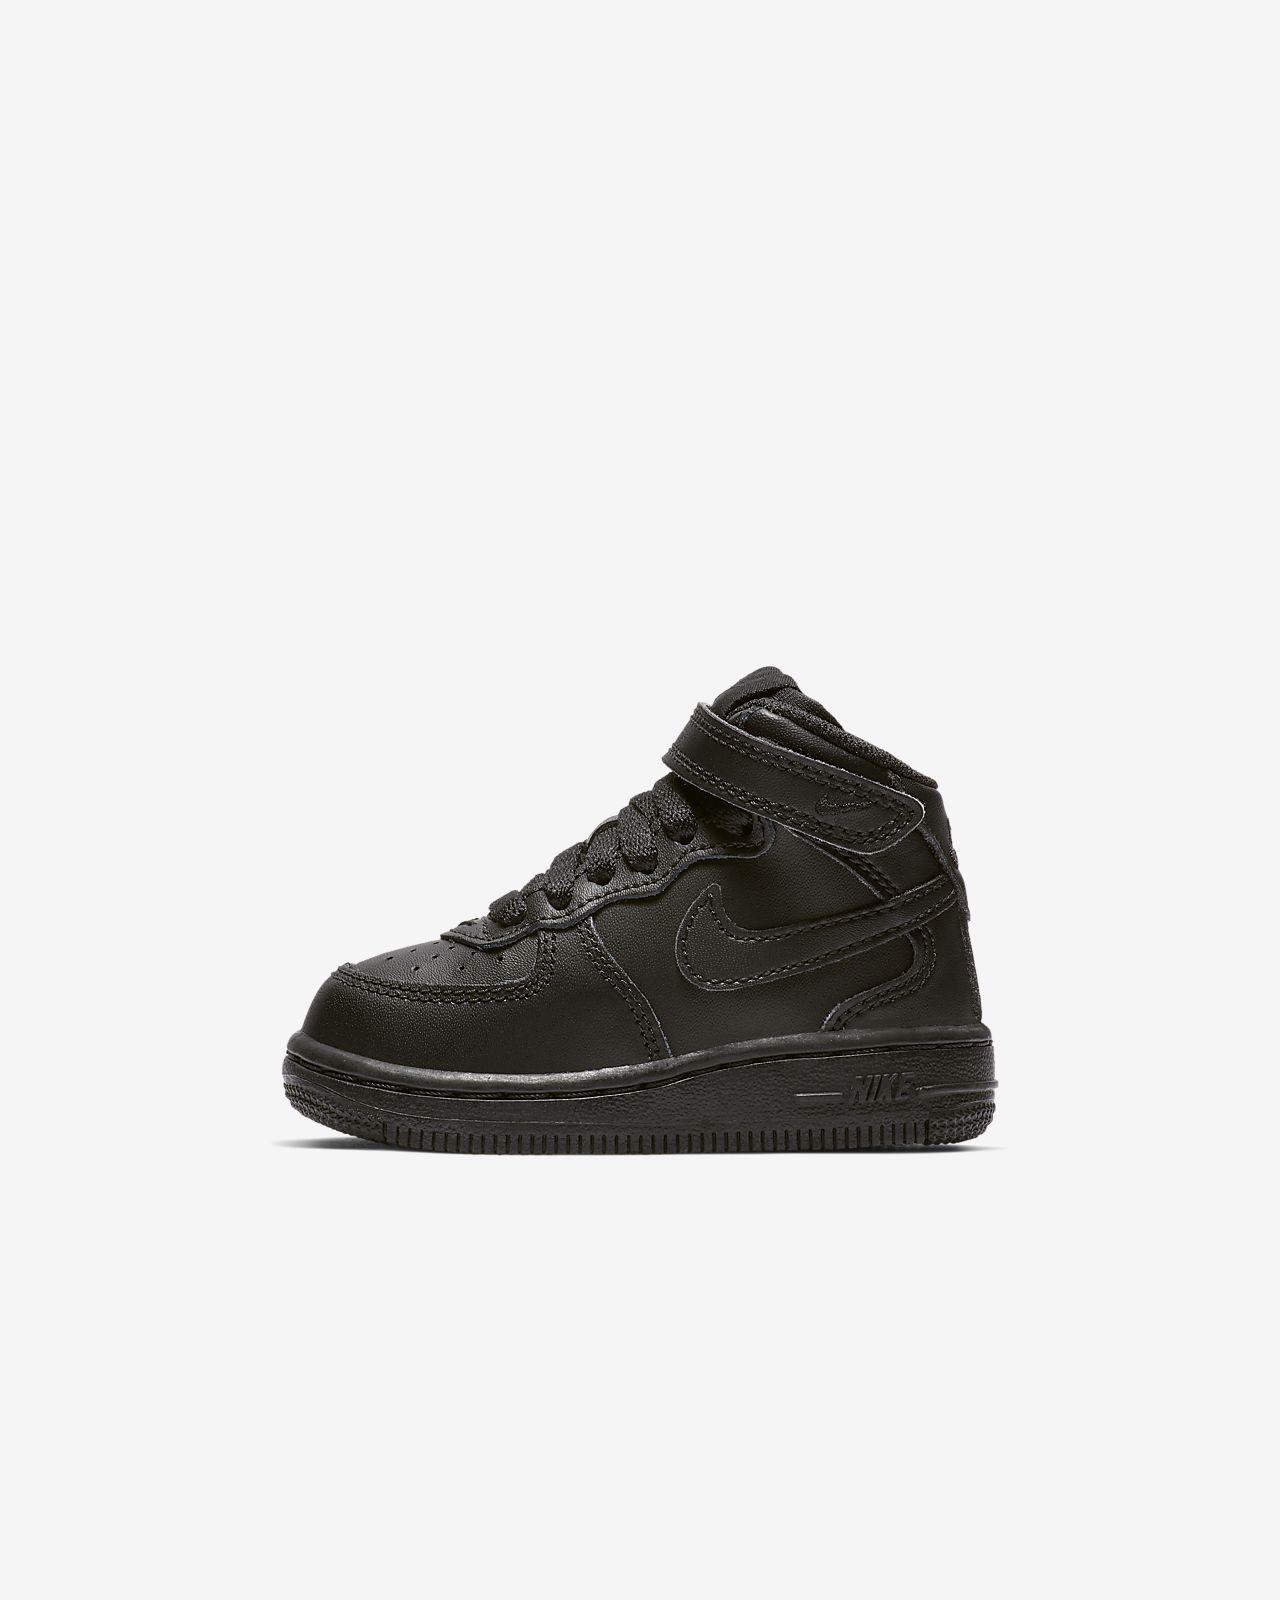 Παπούτσι Nike Air Force 1 Mid για βρέφη και νήπια